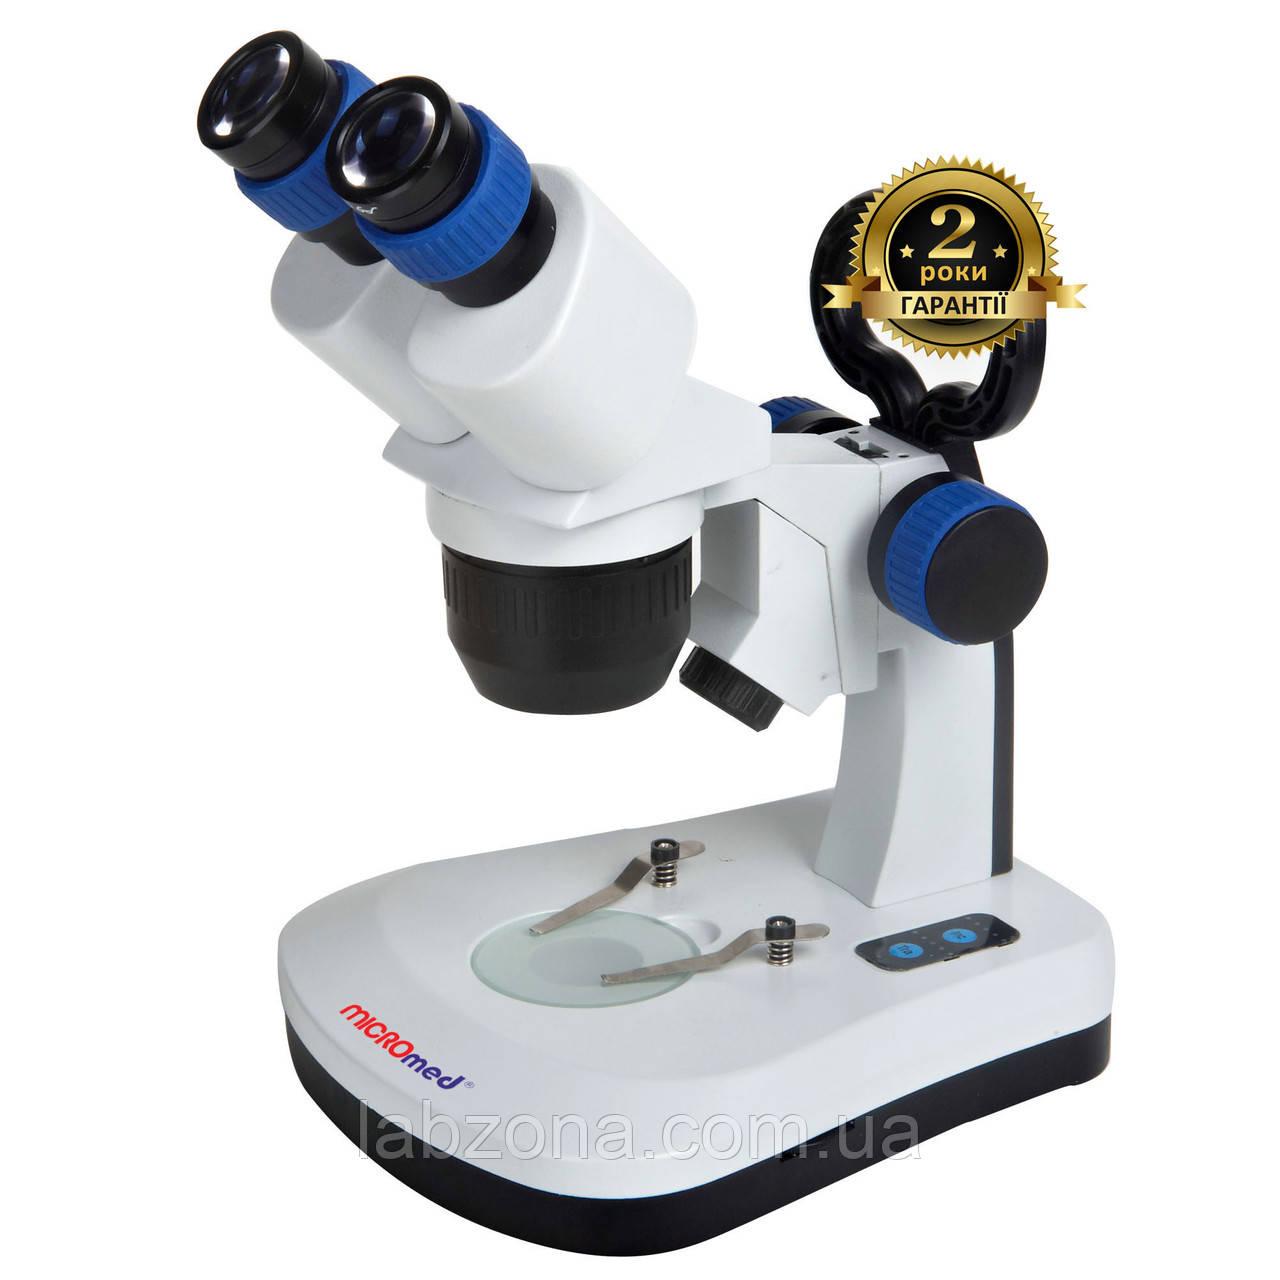 Микроскоп стереоскопический SM-6420 10x-30x (МБС 10)